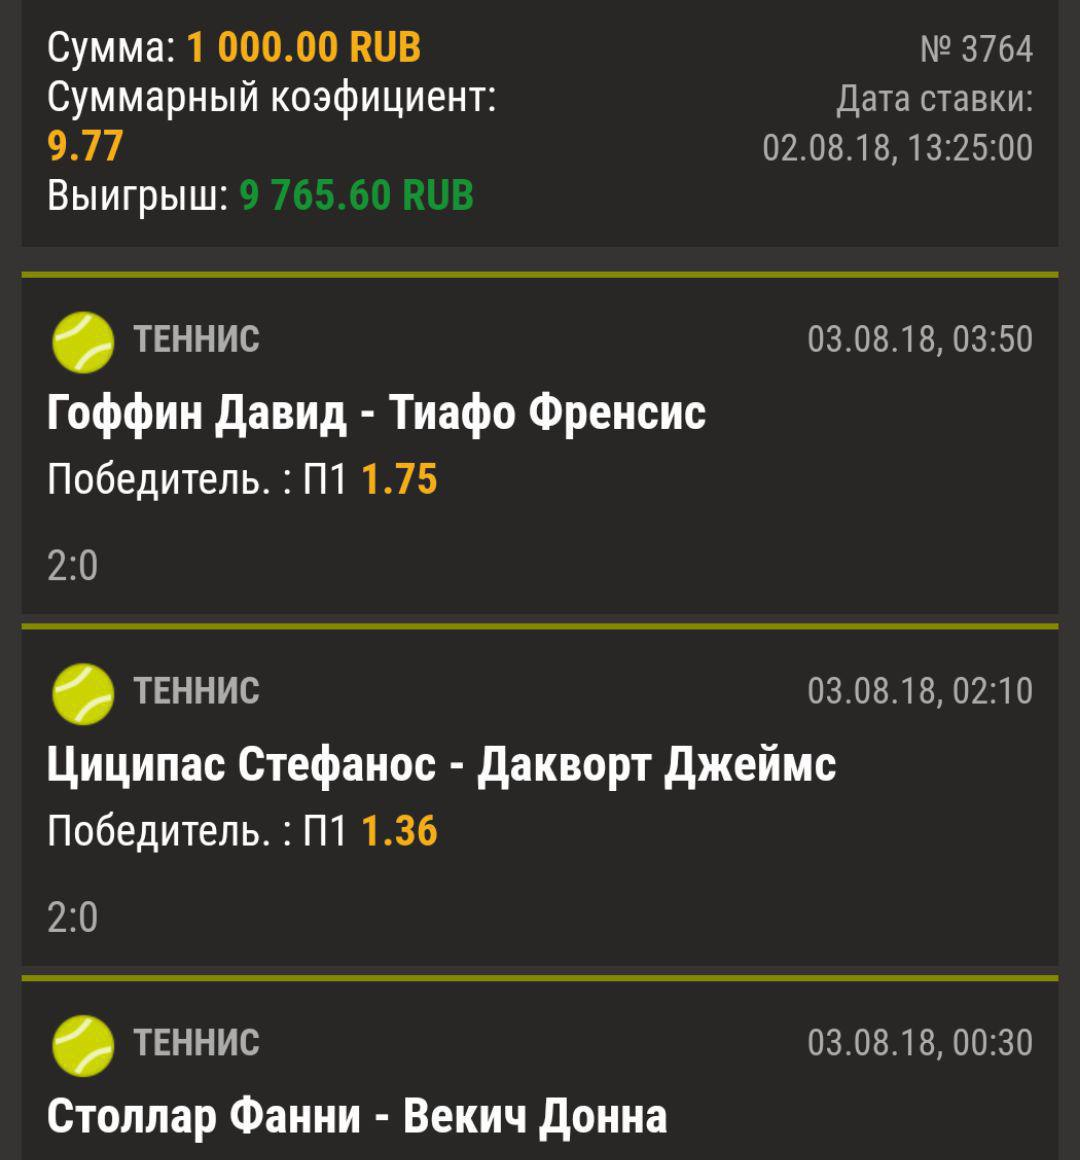 Ставки на матч Маррэй – Дакворт. Прогноз на теннис от 27.08.2018